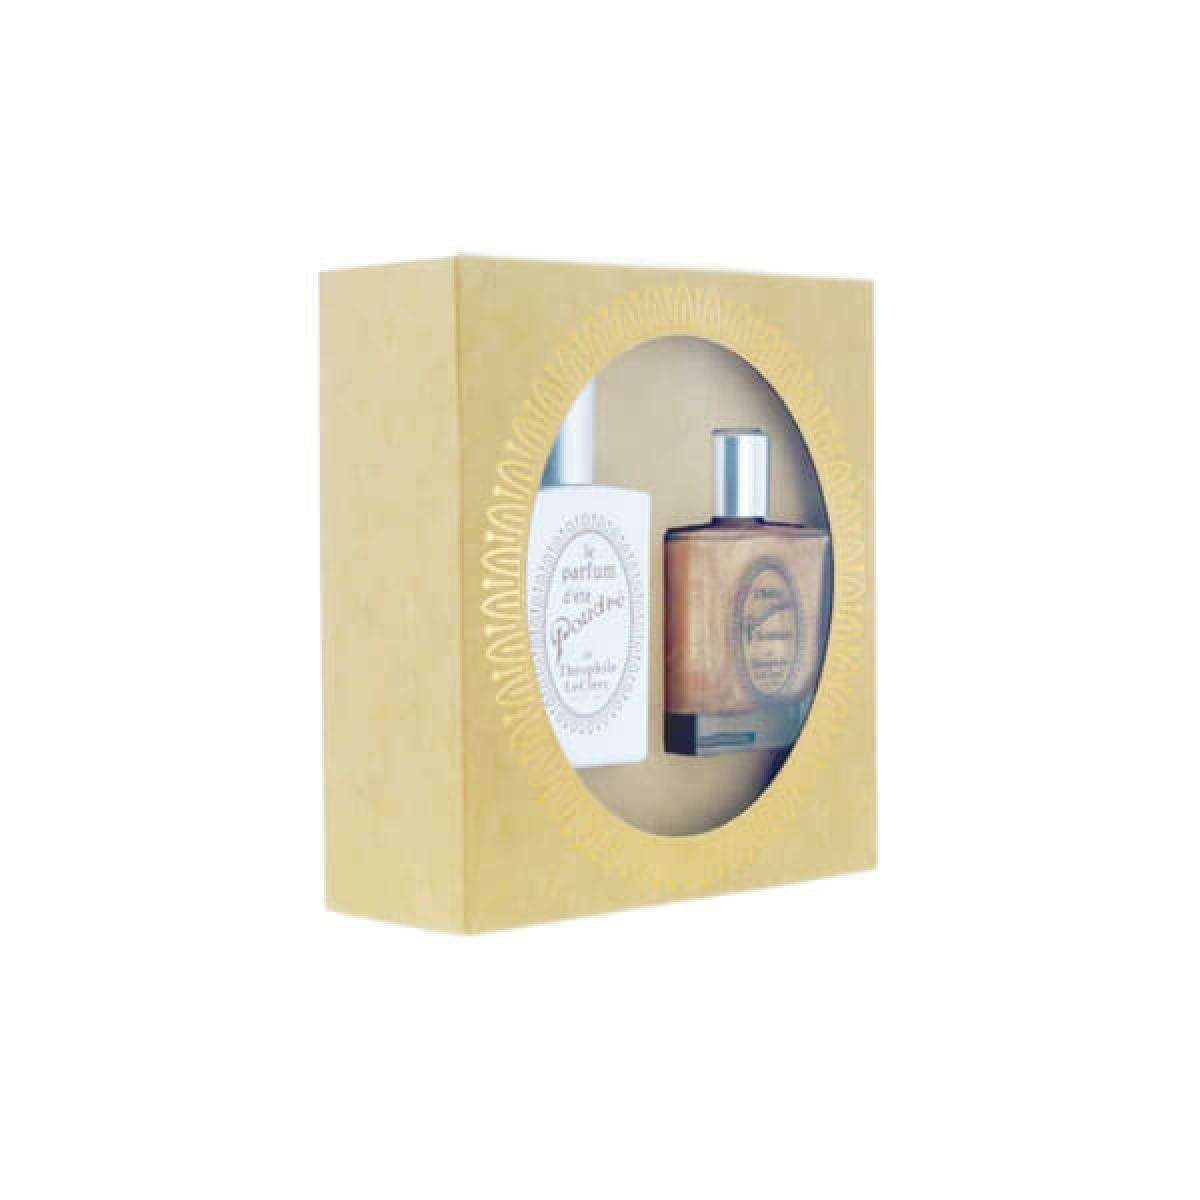 T.LECLERC Coffret Théophile Leclerc parfum d'été poudré 50ml + huile poudrée scintillante 50ml Parapharmacie Pharmarket